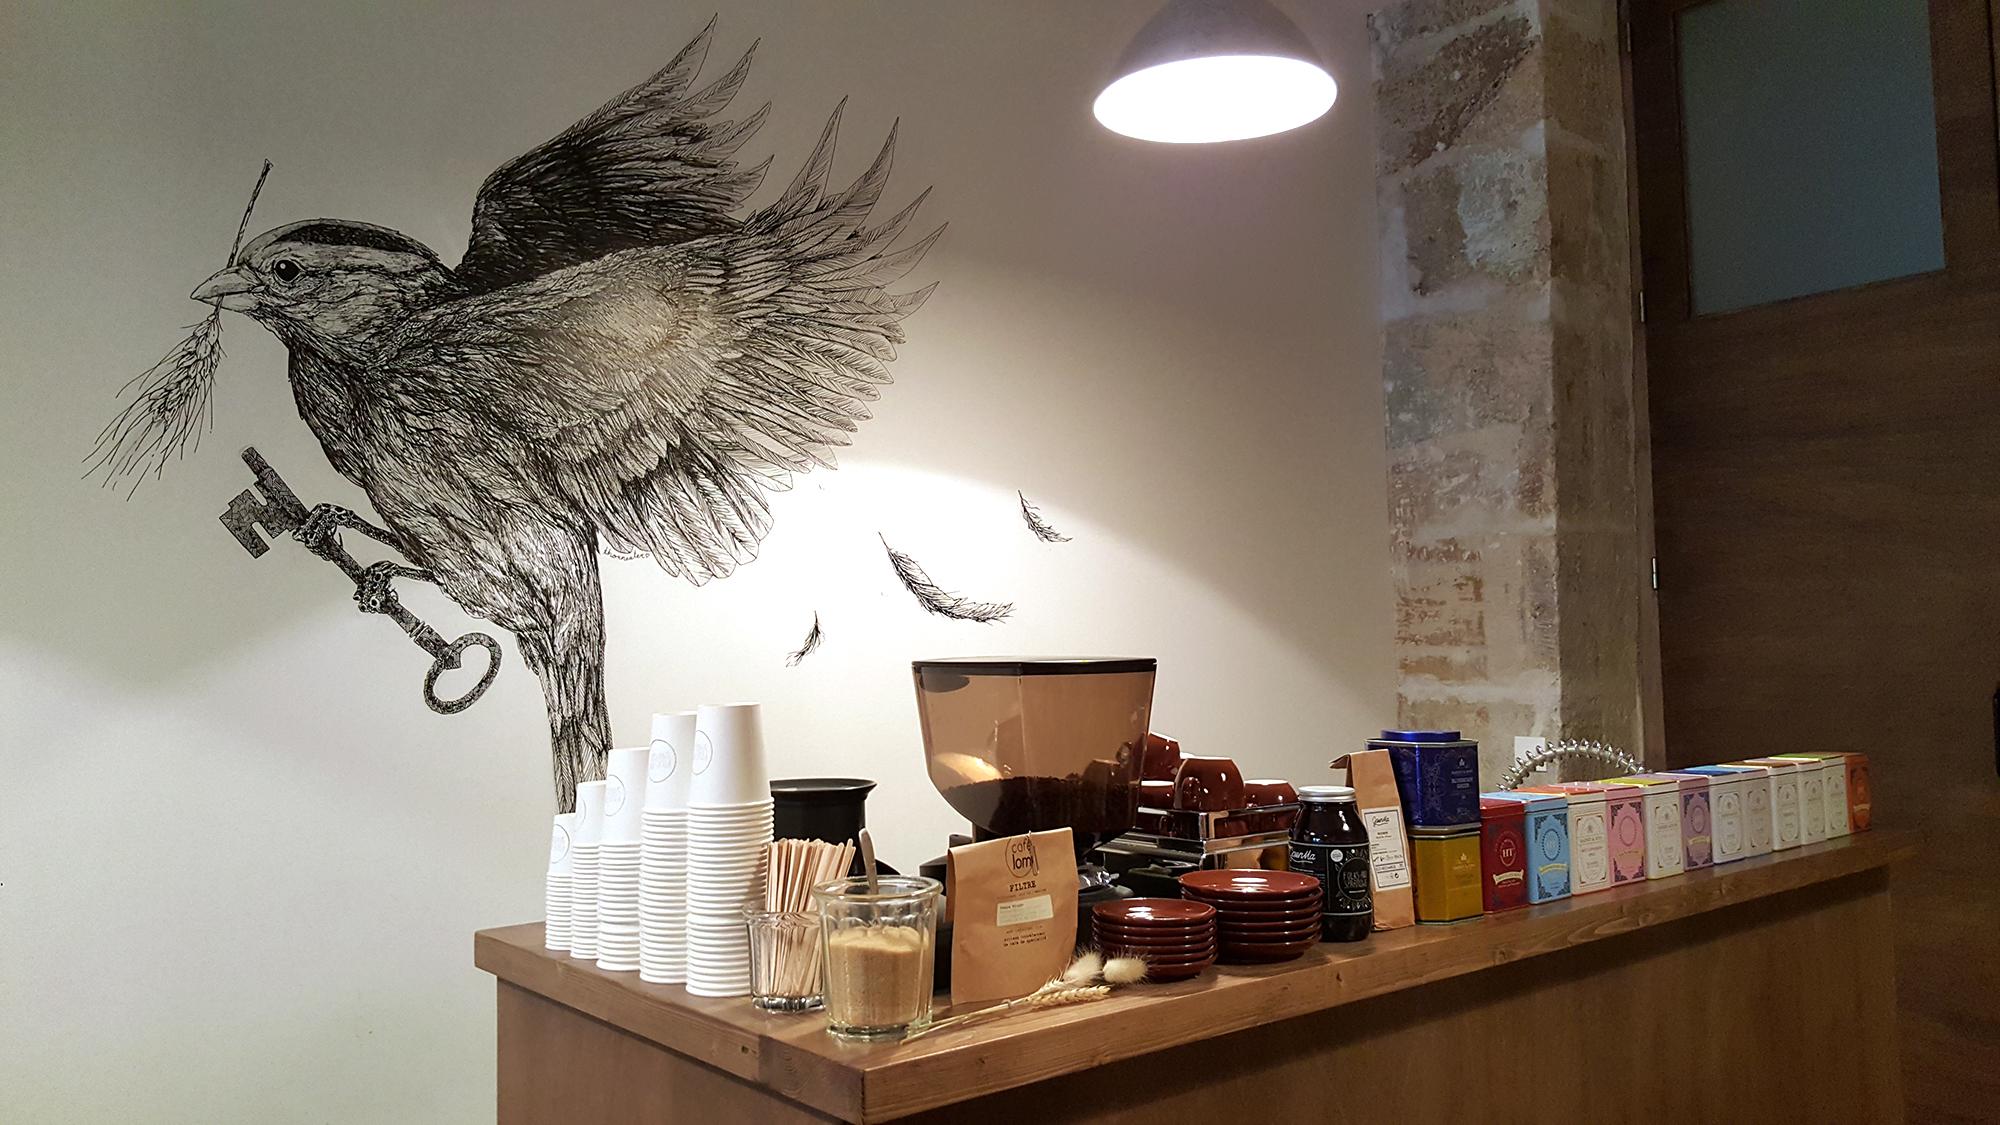 Folks and Sparrows - top meilleurs cafés à paris